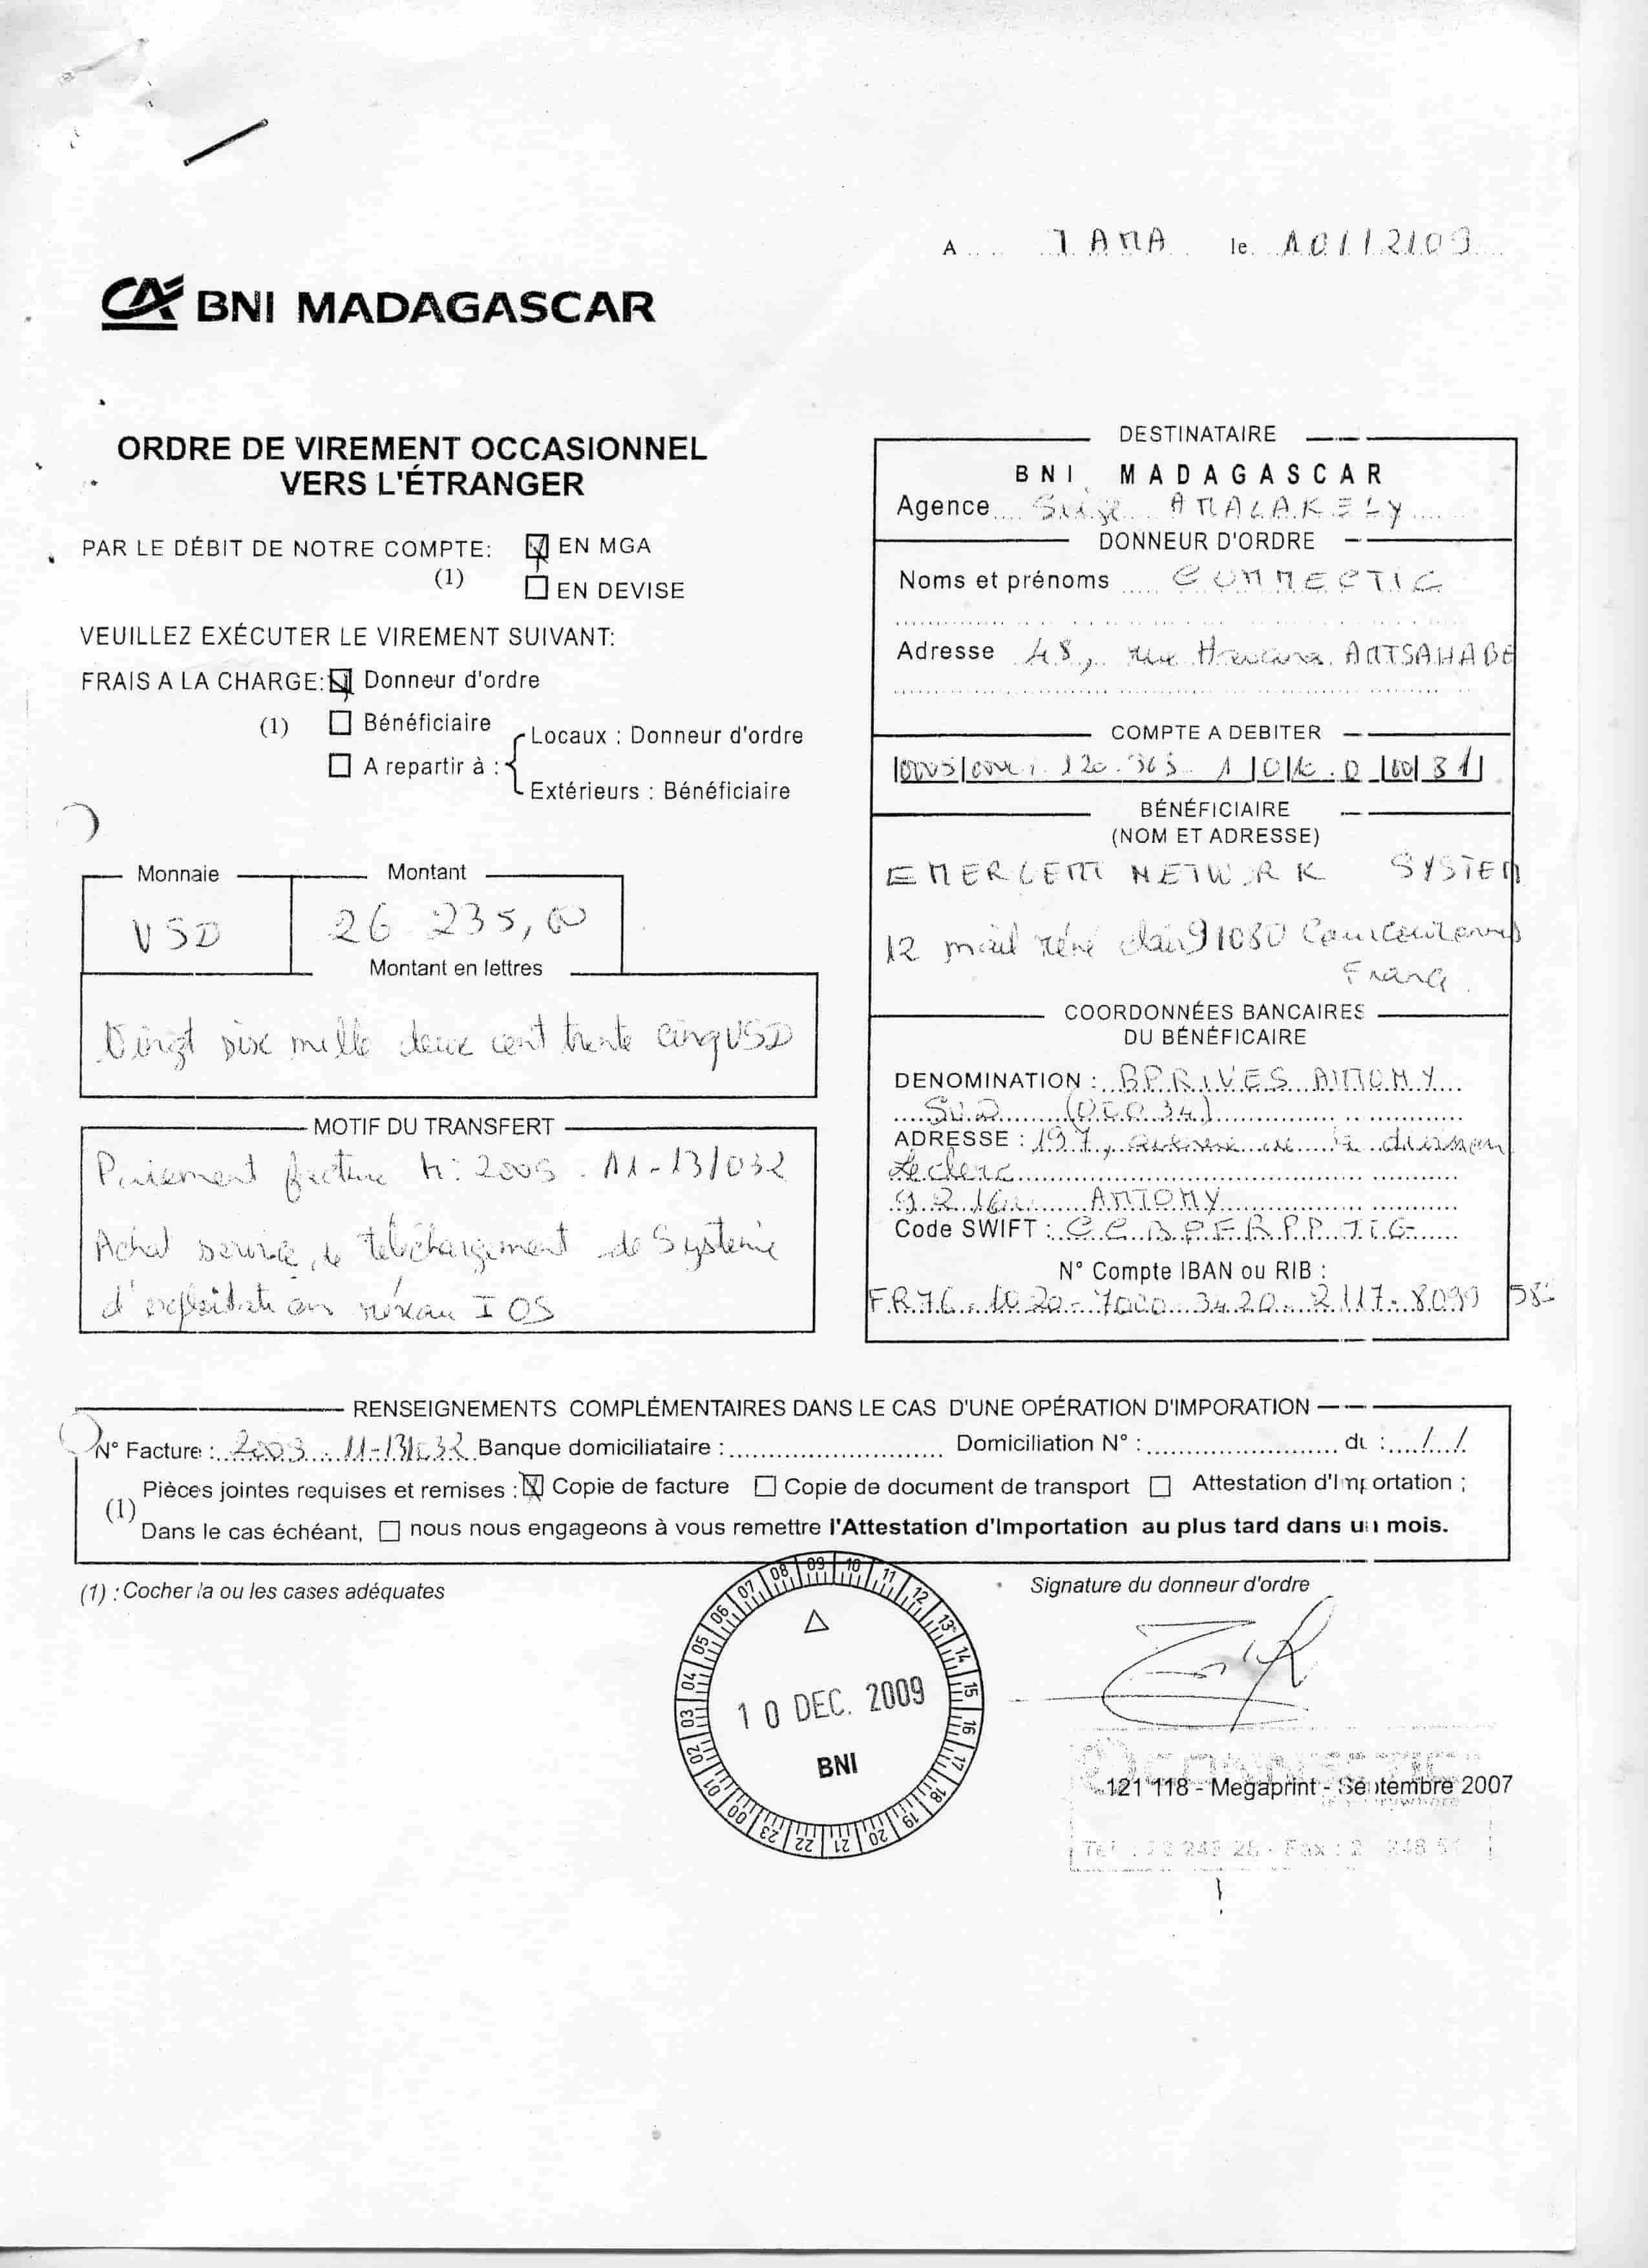 Virement 2009 signé par RANARISON Tsilavo 8 min 1 - En 2009, RANARISON Tsilavo a signé TOUS les ordres de virements bancaires de CONNECTIC Madagascar  vers EMERGENT